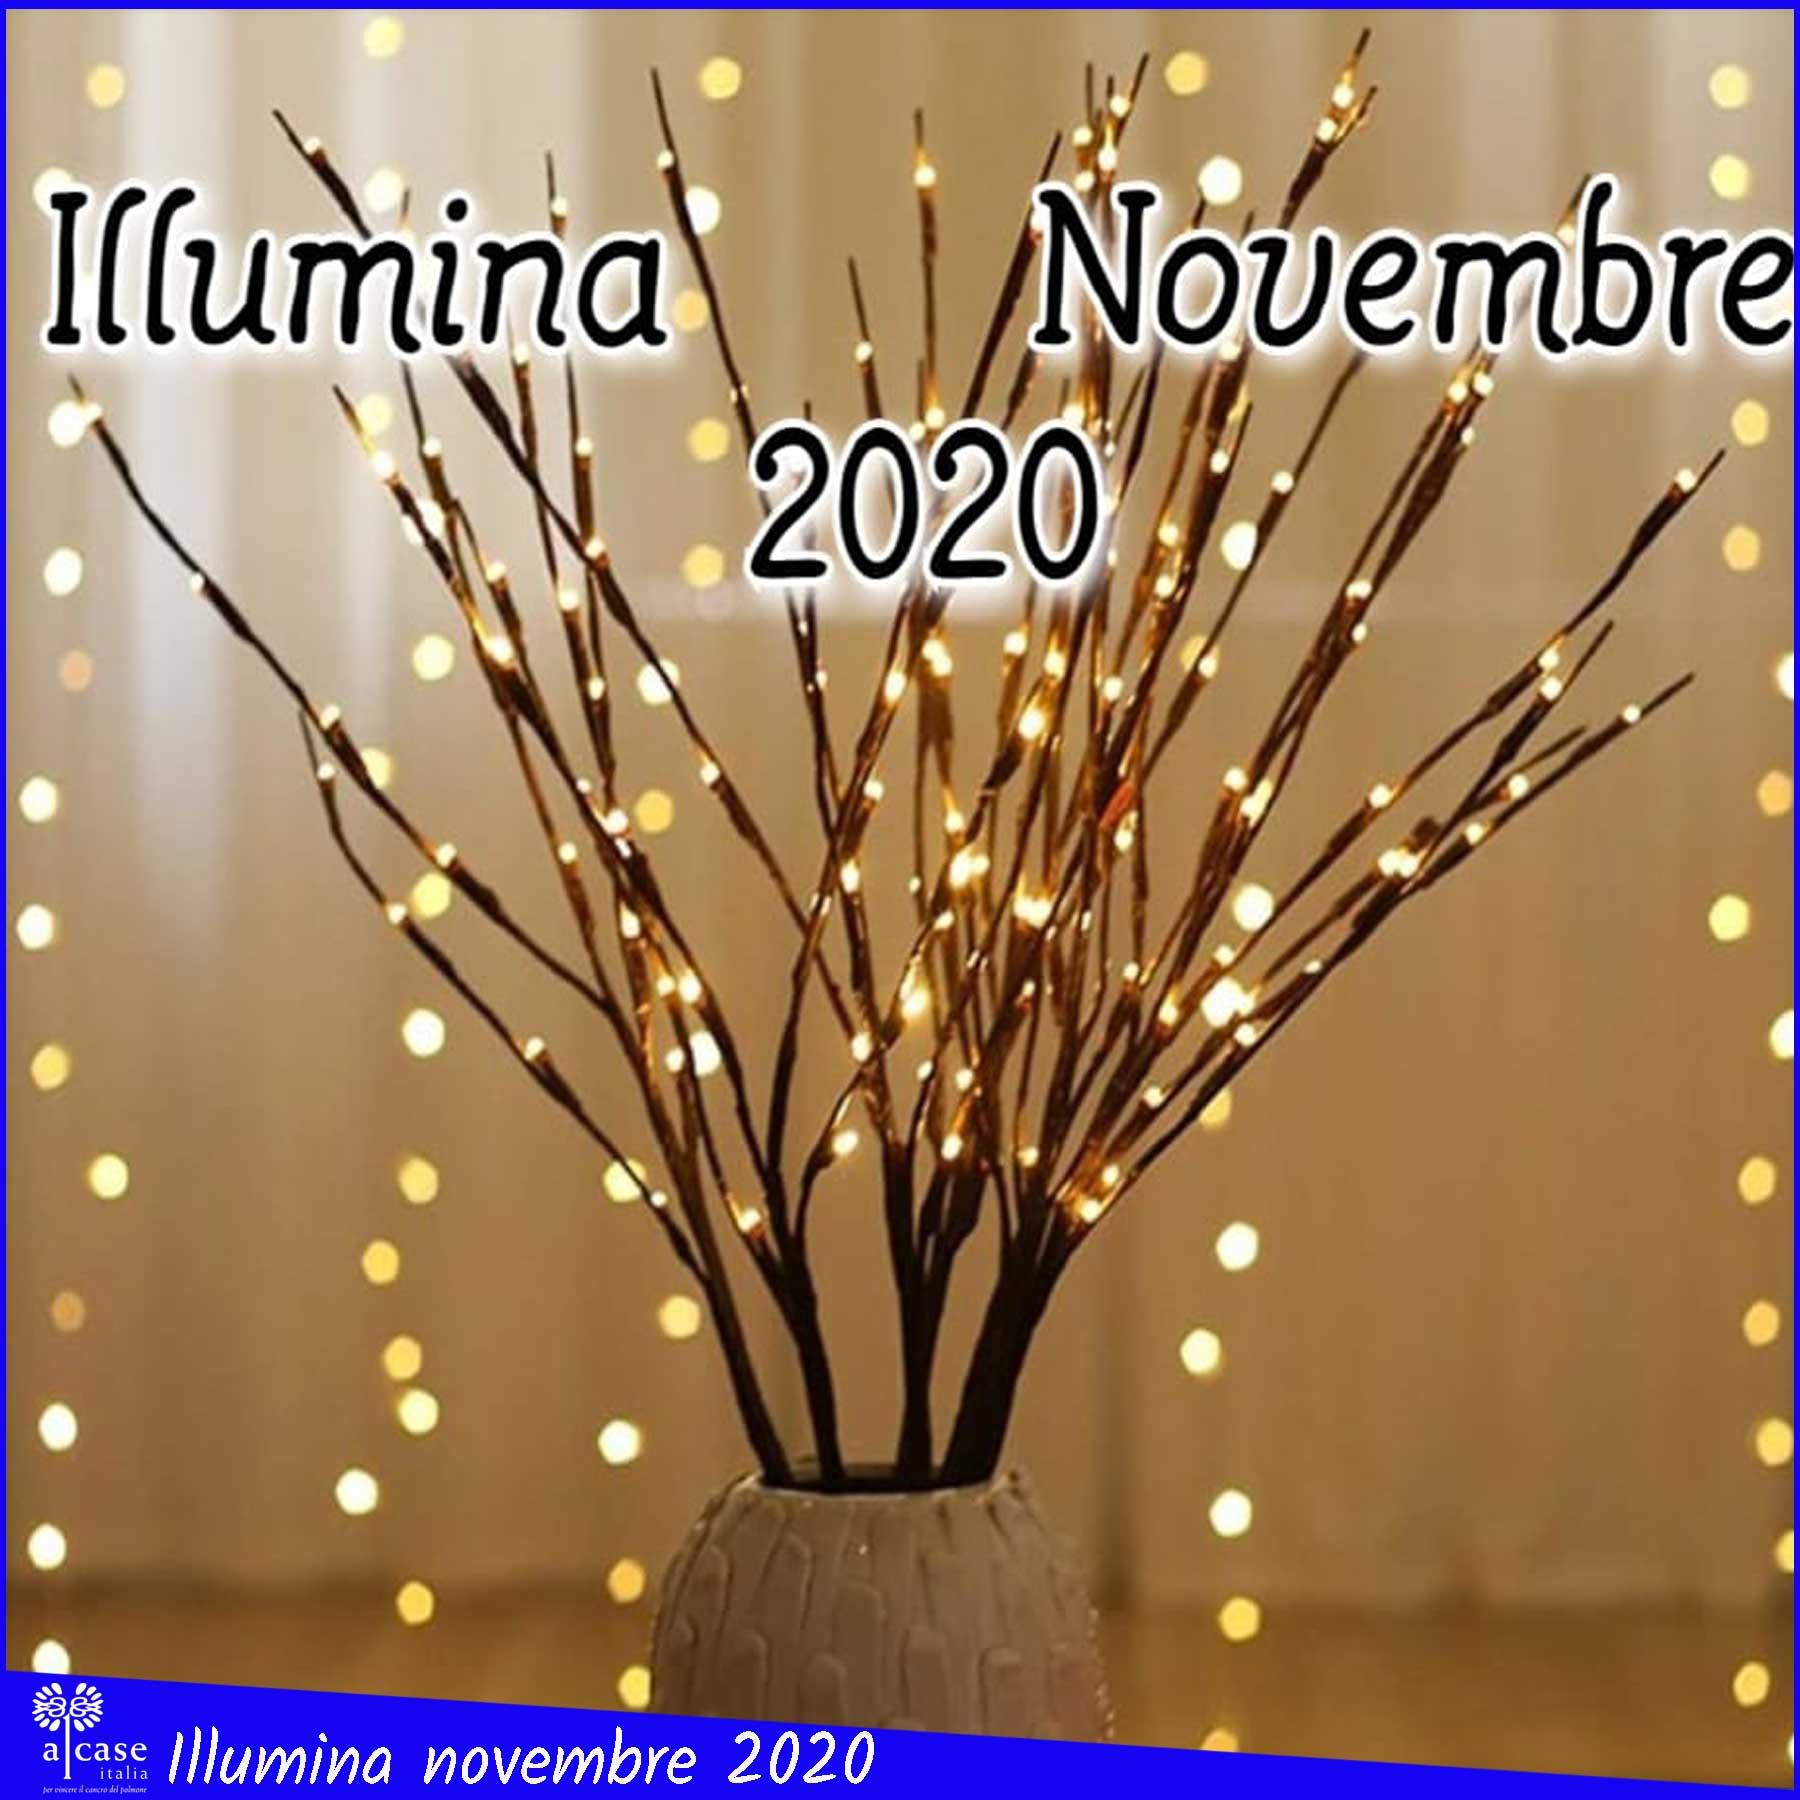 illumina novembre